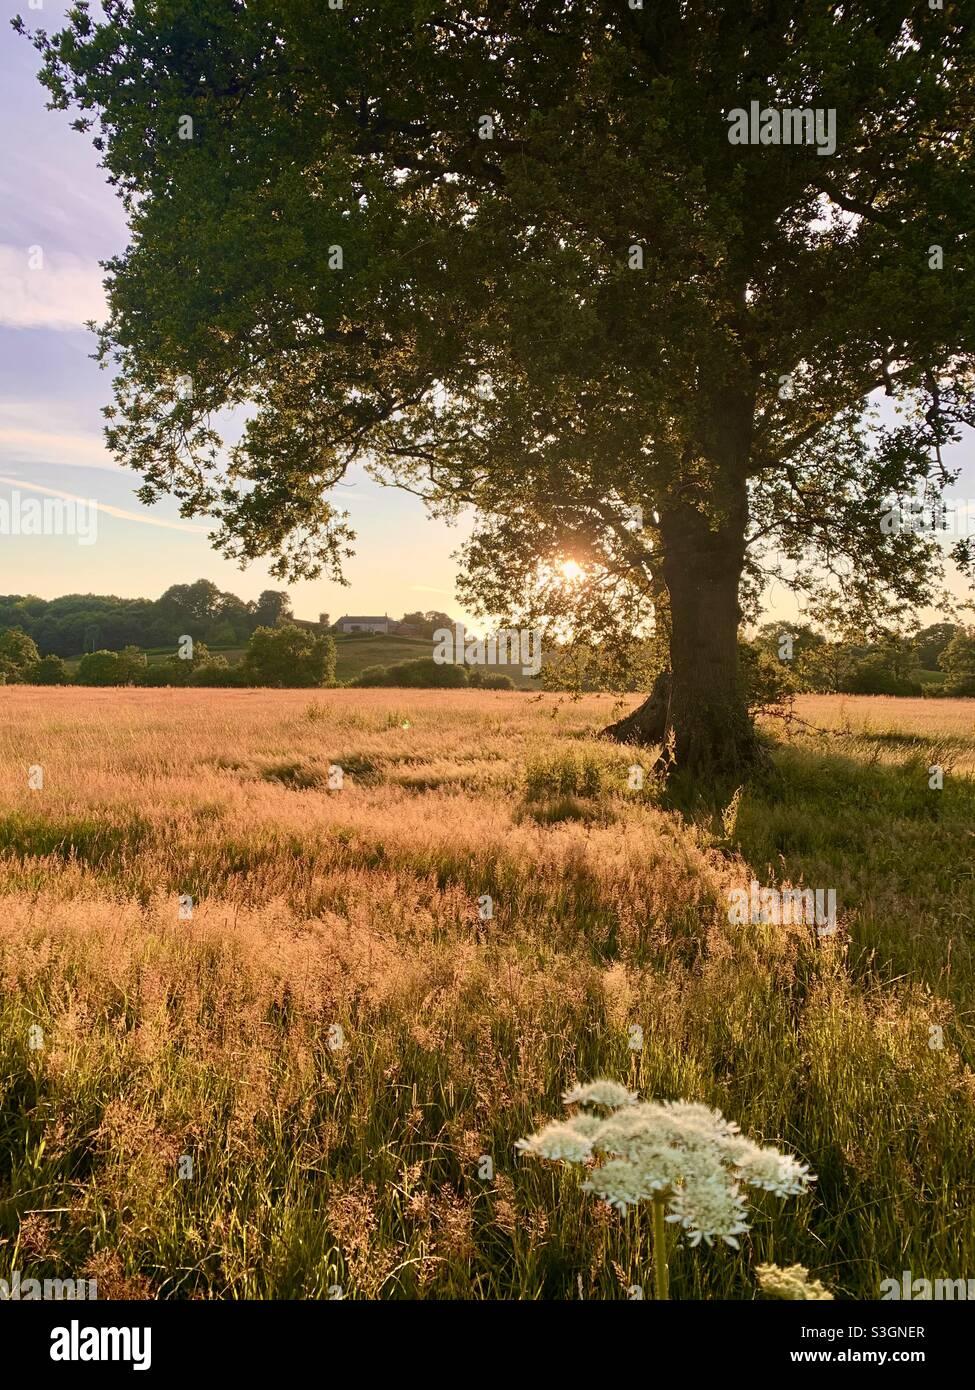 Riavvilimento. Le erbe hanno permesso di crescere selvatiche in prato nel Somerset. Foto Stock